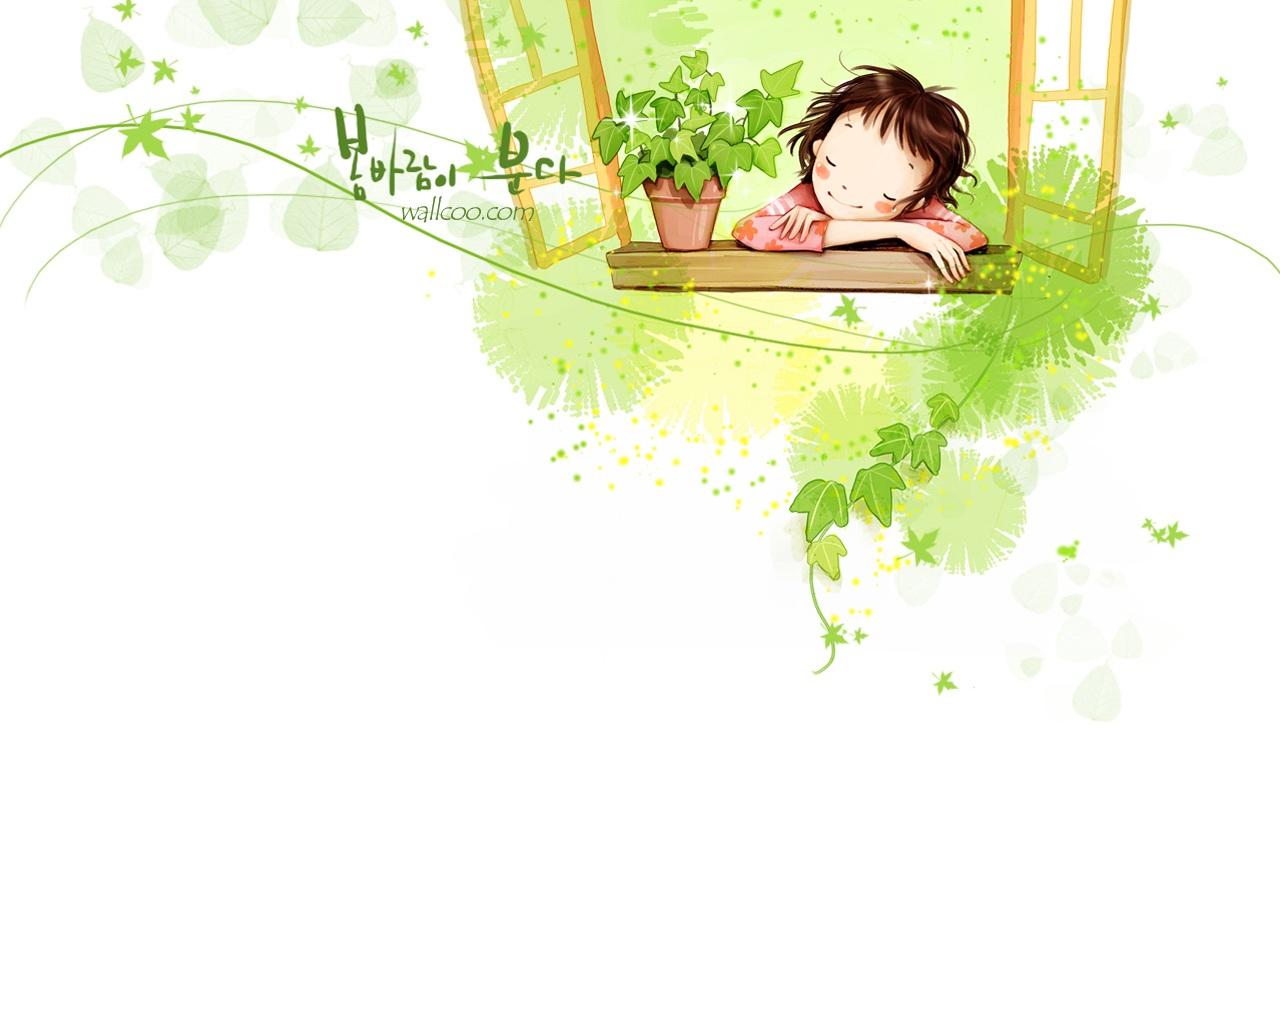 Best Ideas About Cute Cartoon Wallpapers On Pinterest James 1280x1024